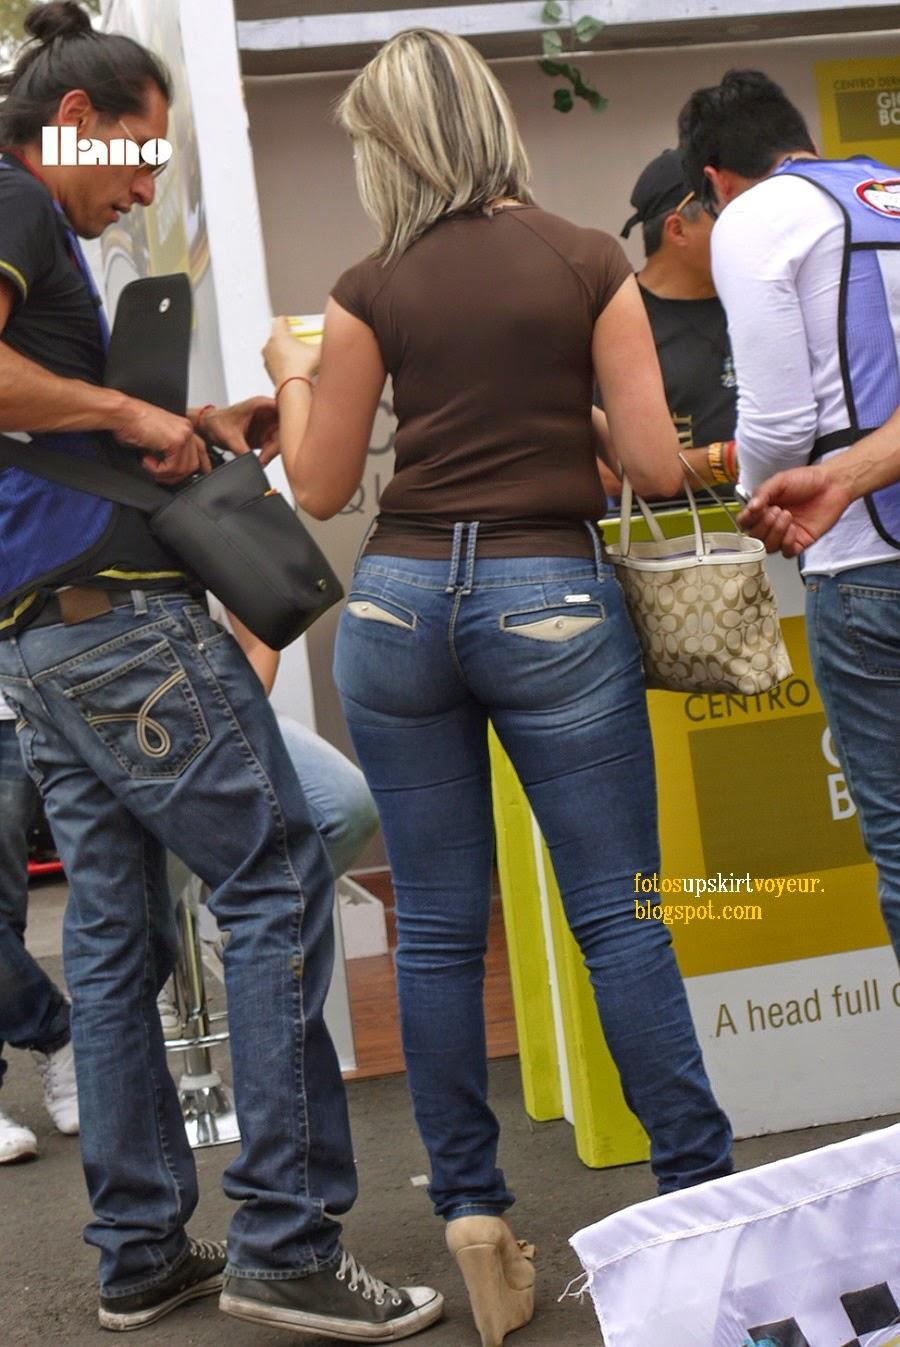 Nalguitas apretadas en pantalon de vestir - 1 part 8